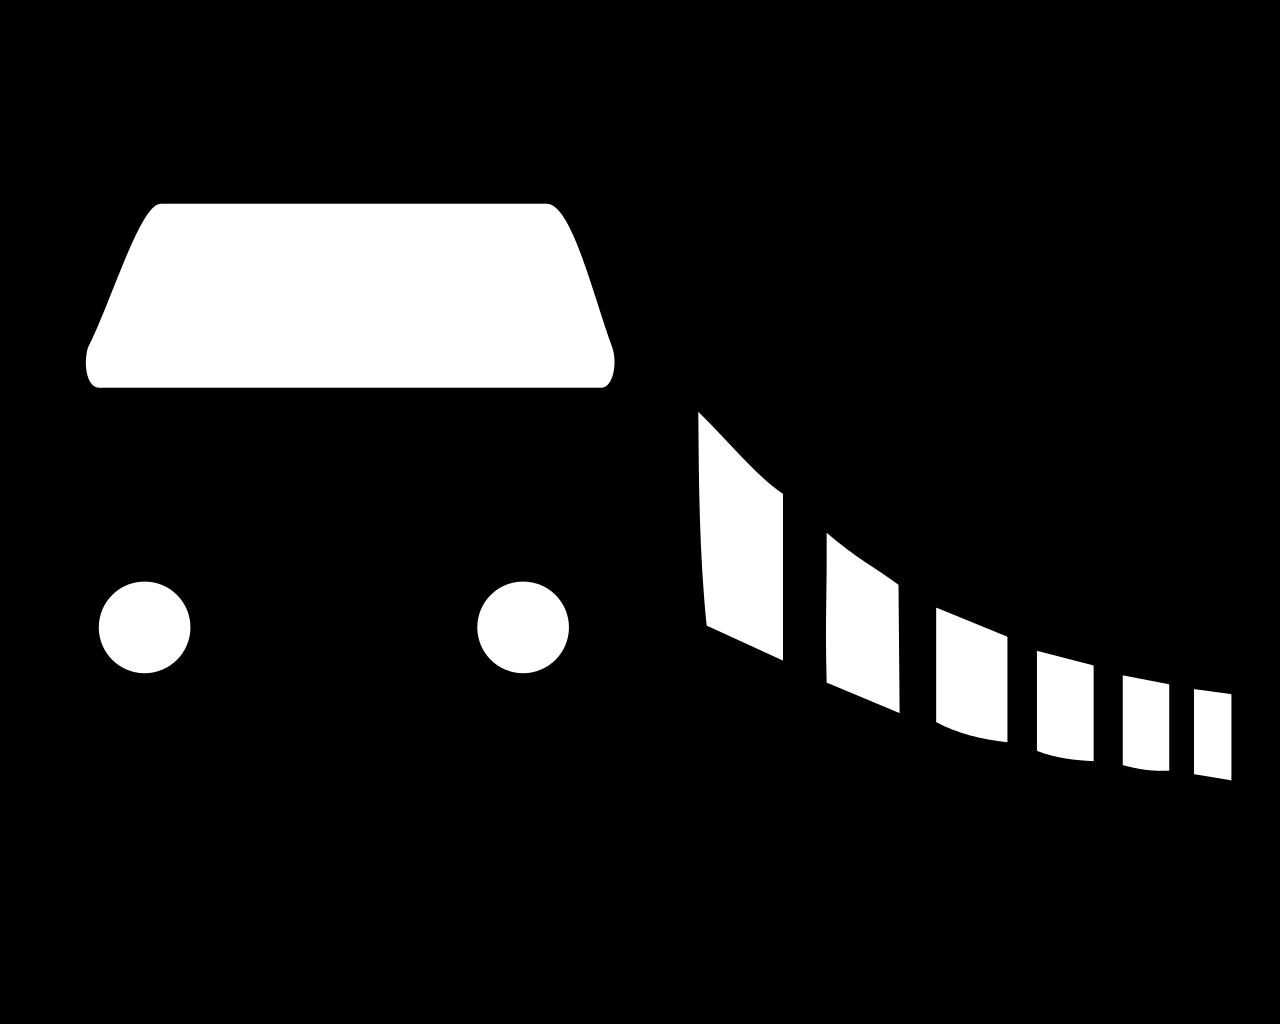 Clipart train file. Sinnbild eisenbahn svg wikipedia